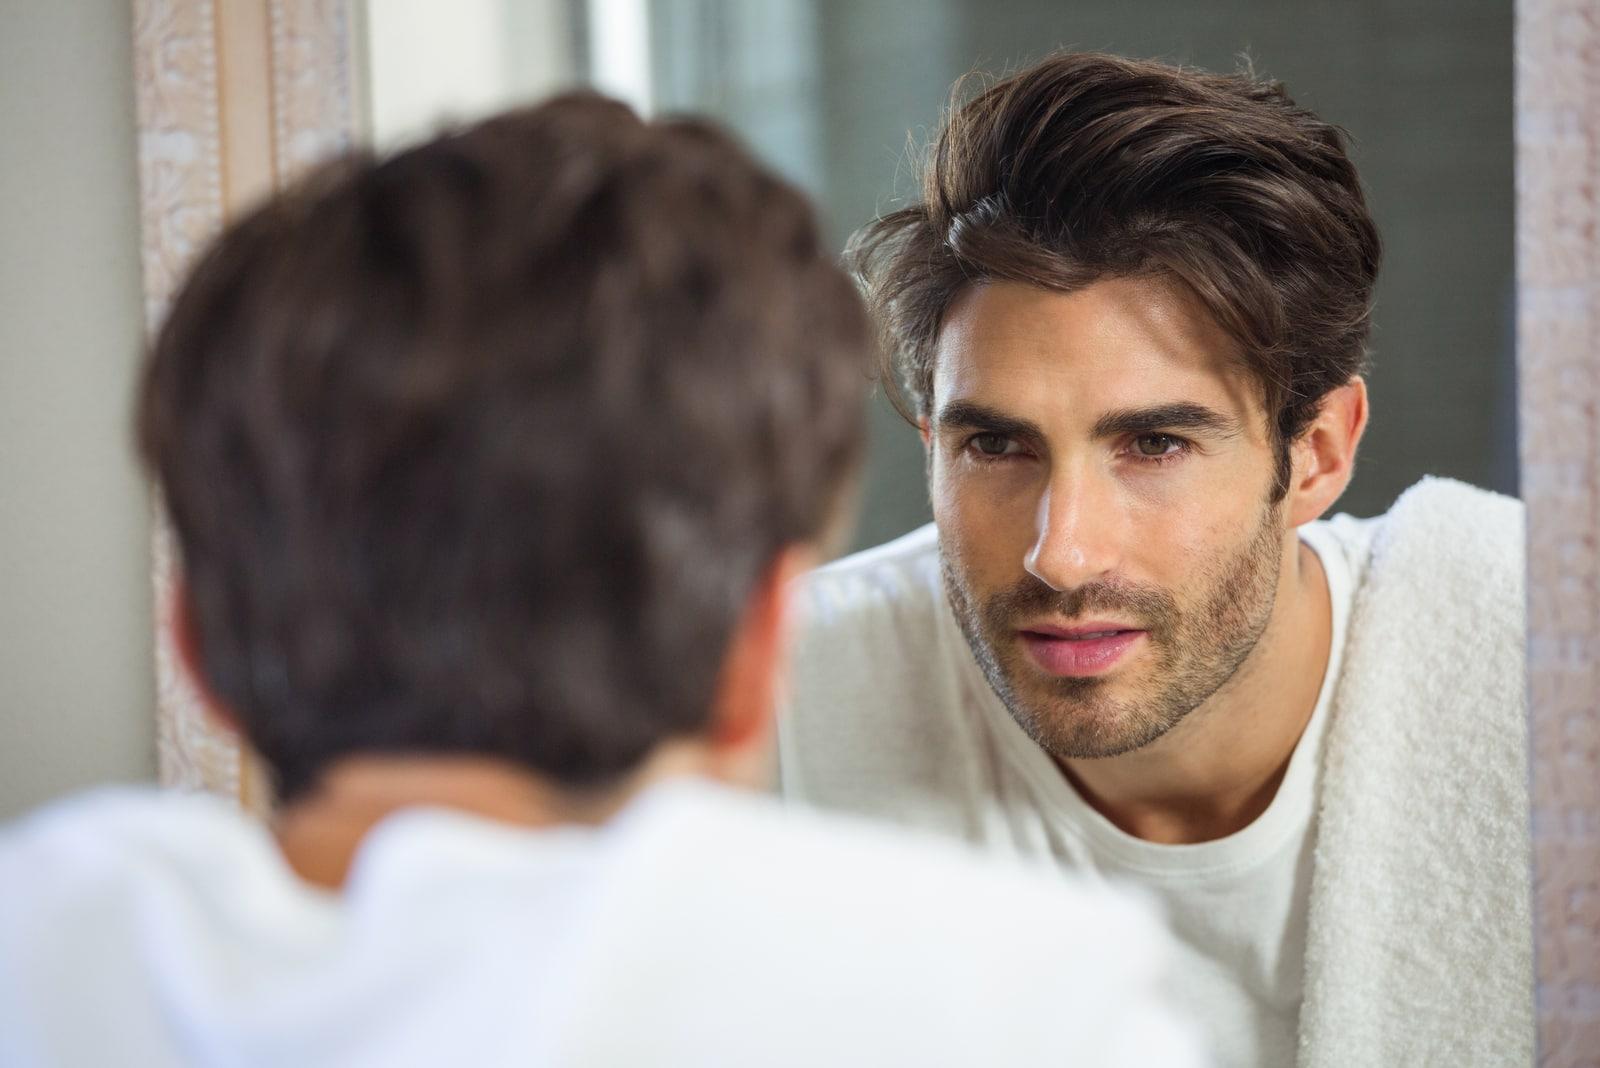 serious man looking at mirror